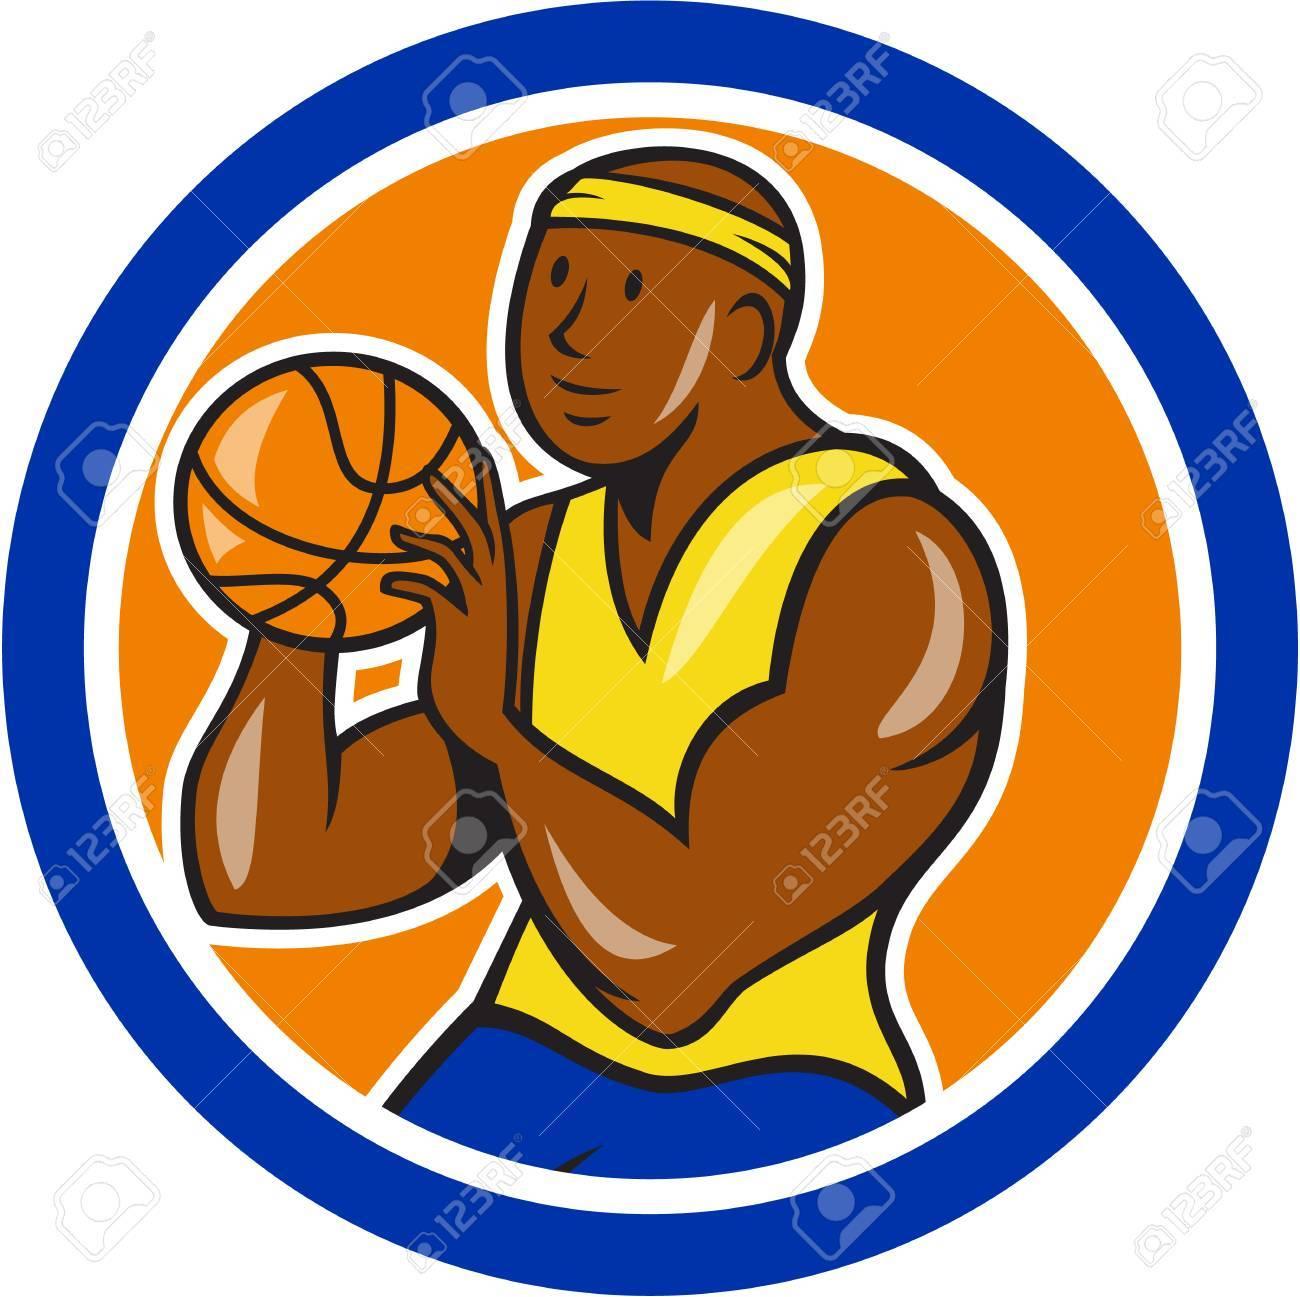 Illustration d'un joueur de basket ball tir ball afro américaine disposées en cercle sur fond blanc isolé fait dans le style de bande dessinée.